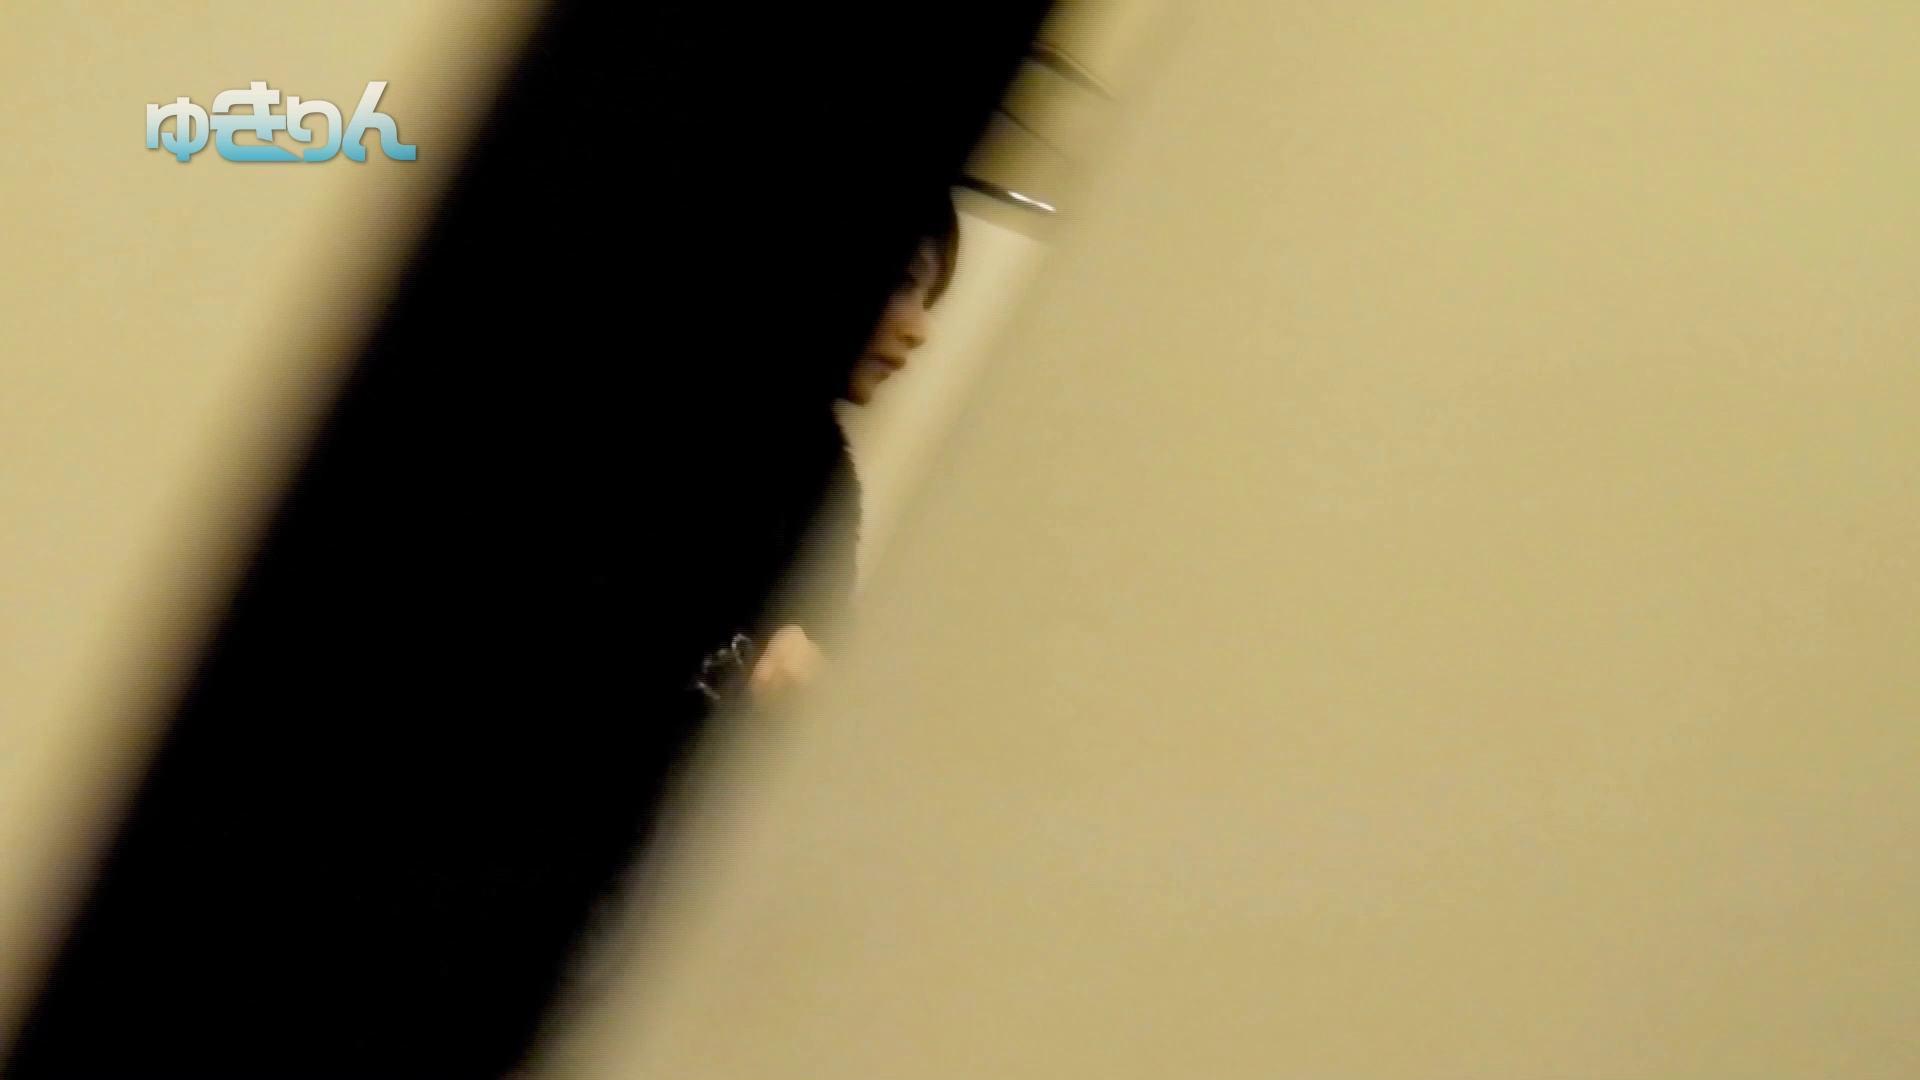 新世界の射窓 無料お試し動画02 高画質  89画像 72